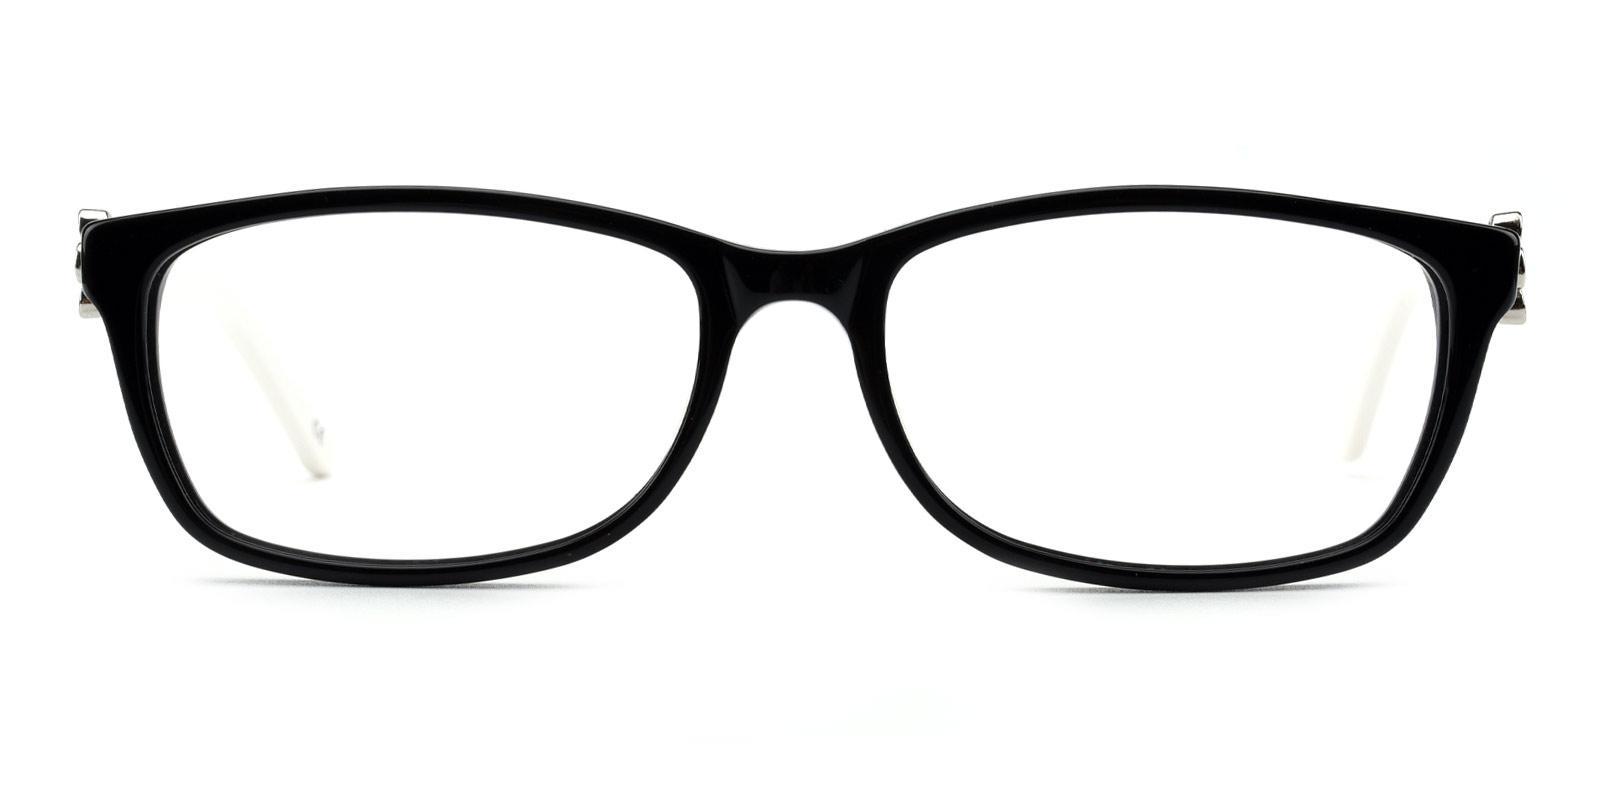 Rosemary-White-Rectangle-TR-Eyeglasses-detail